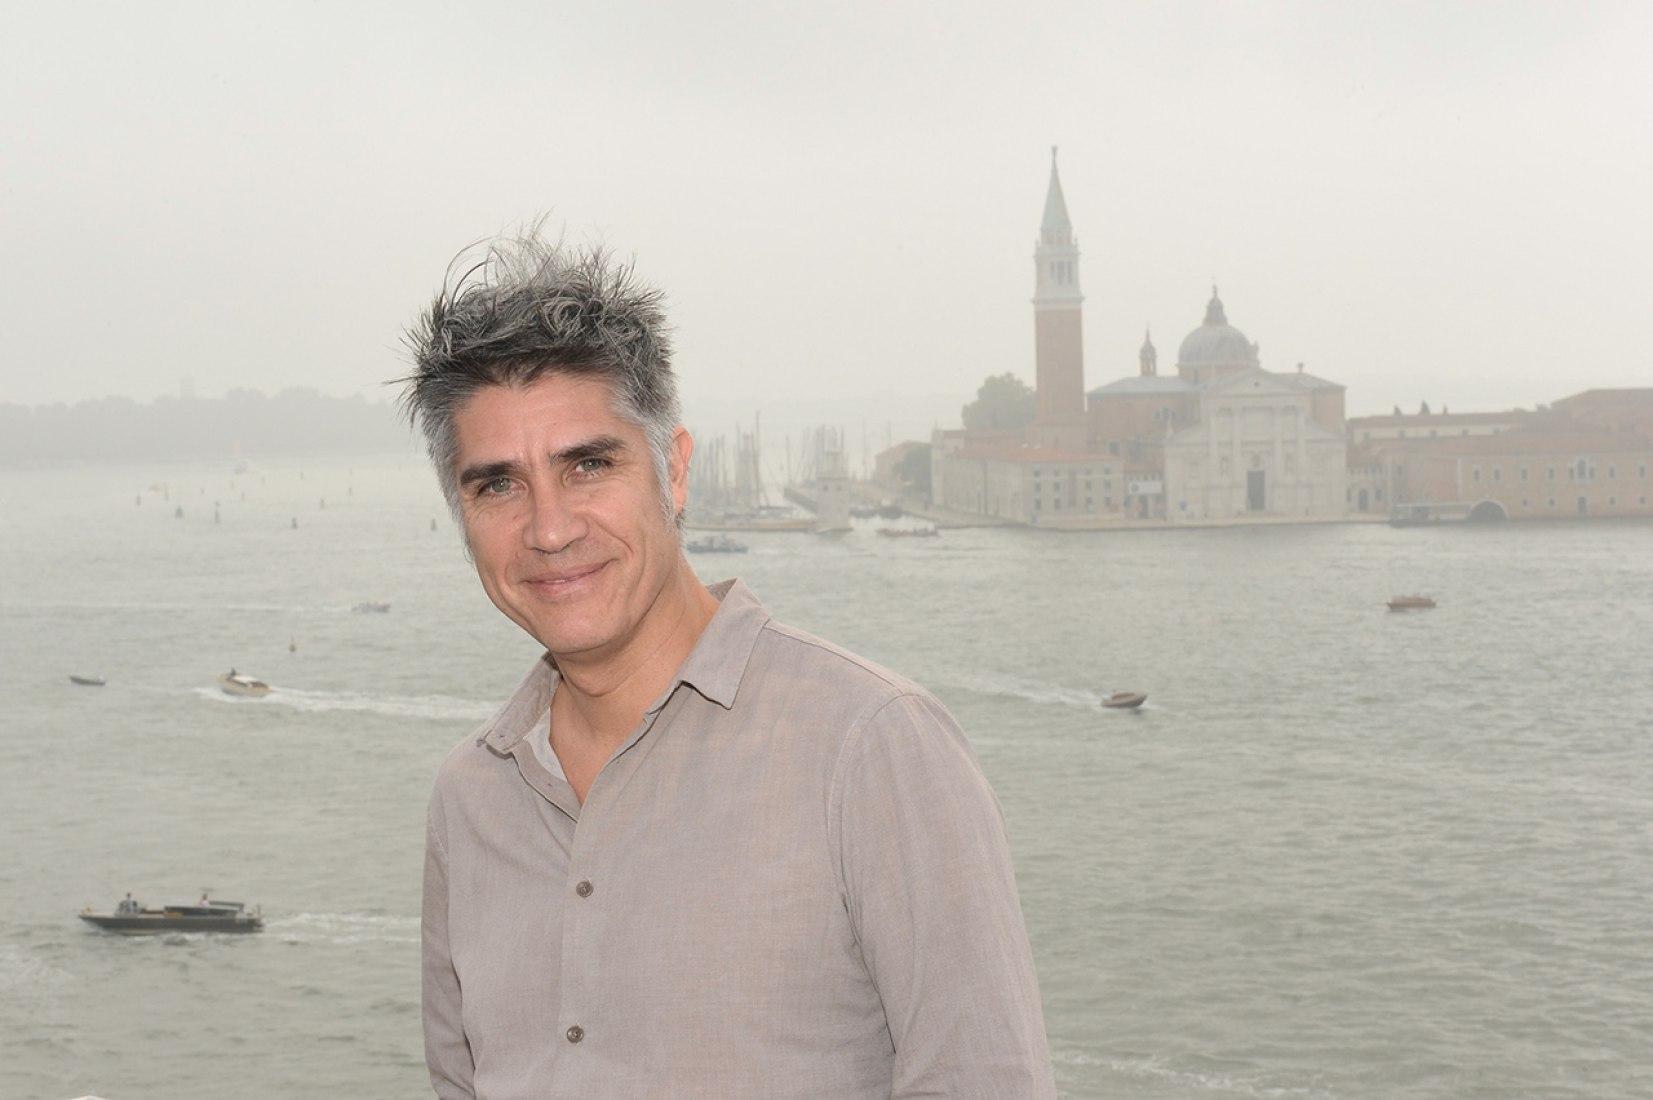 Alejandro Aravena. Photograh © Giorgio_Zucchiatti. Image Courtesy of la Biennale di Venezia.